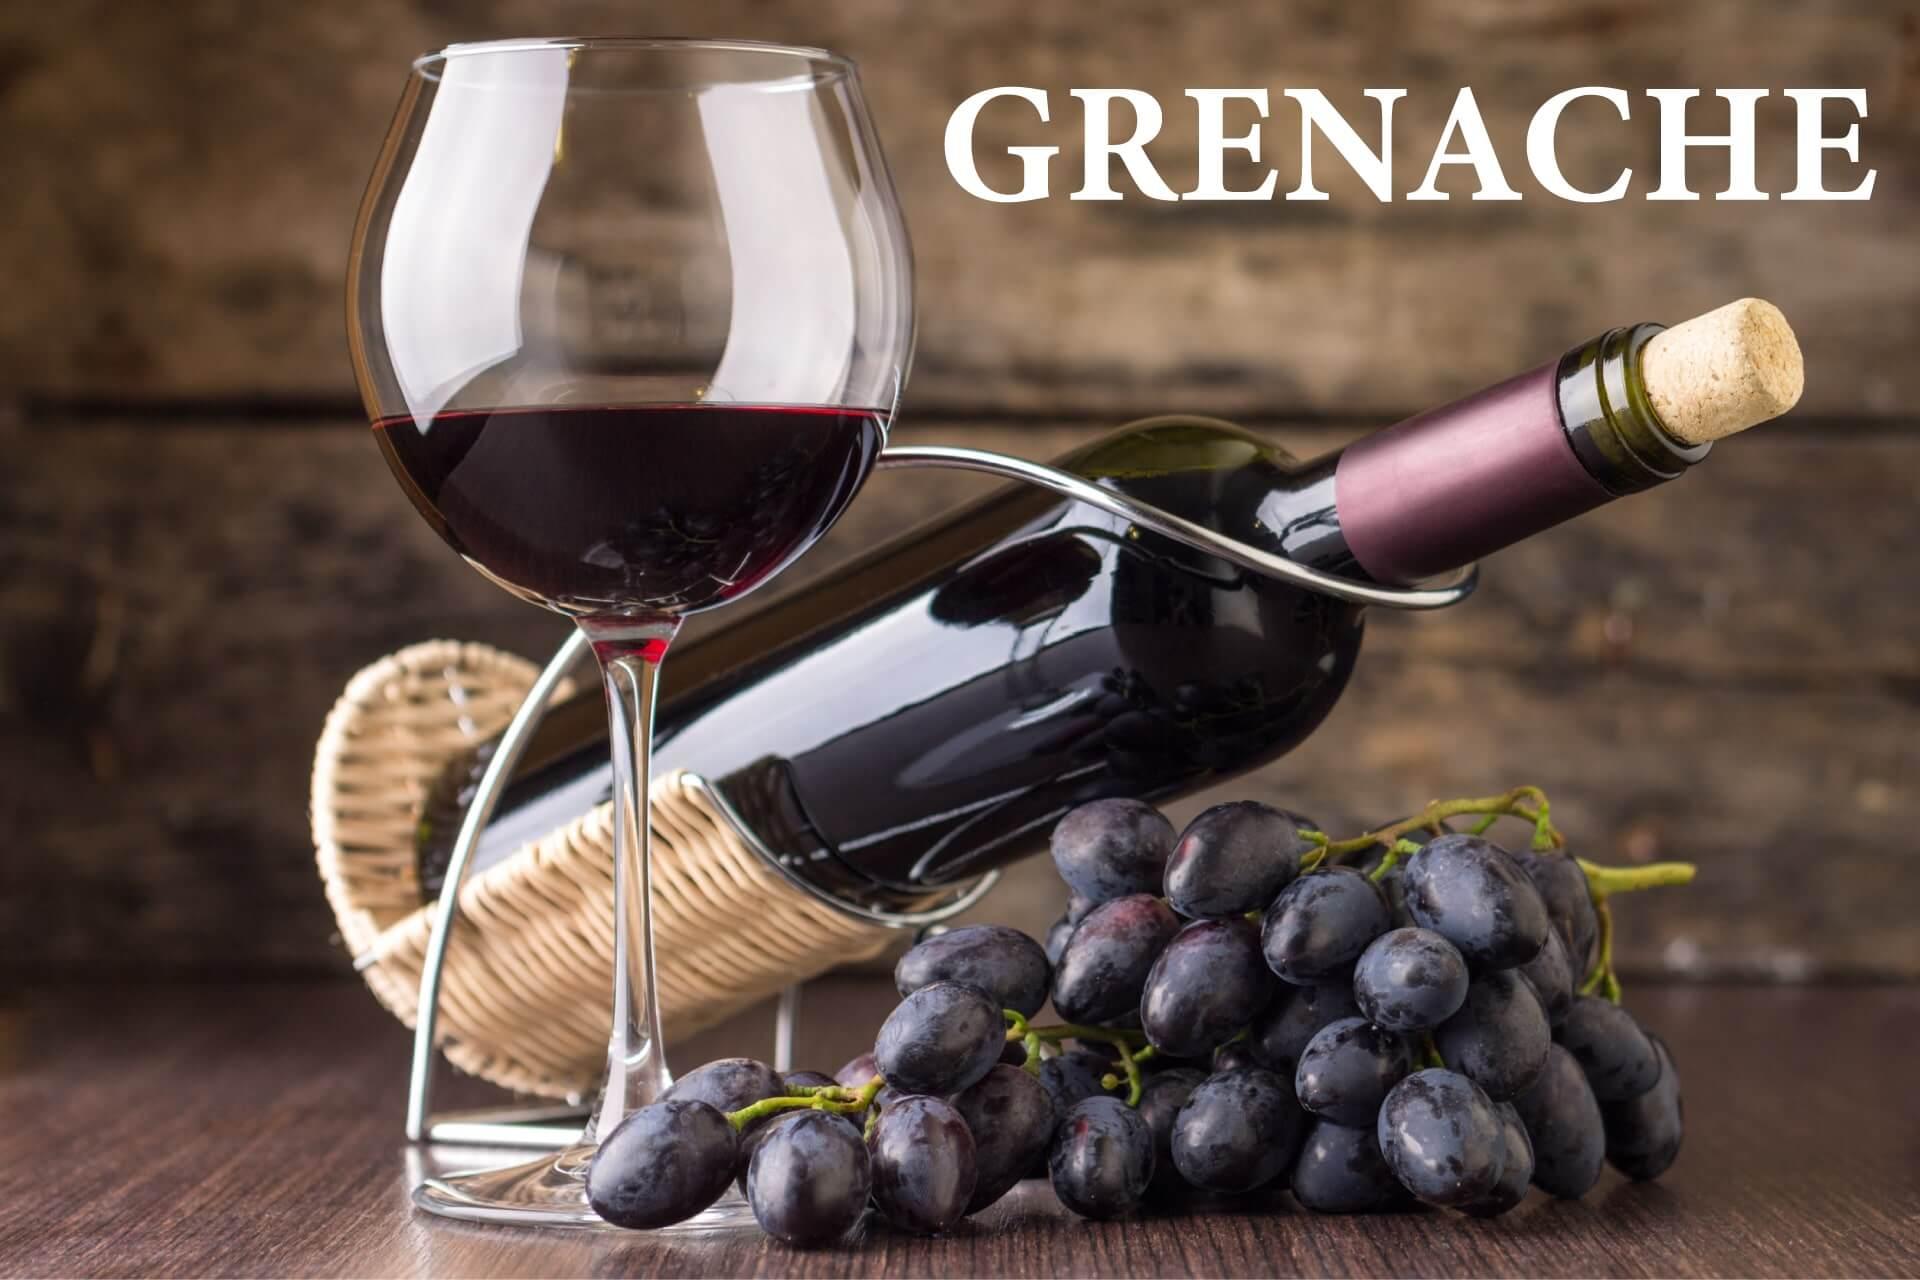 グルナッシュ(ワイン)のメインビジュアルの画像